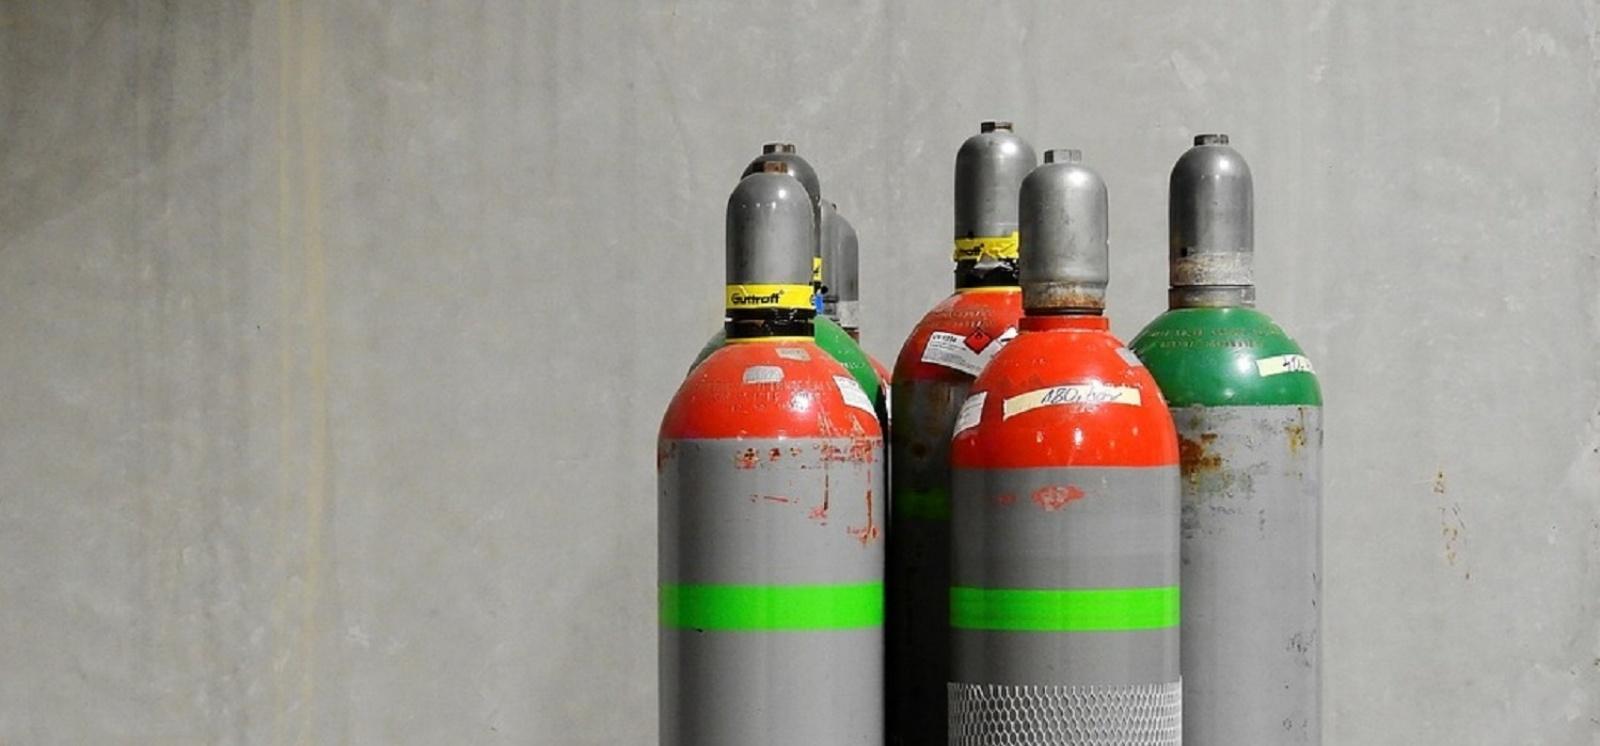 5 Hazards of Transporting Gas Bottles